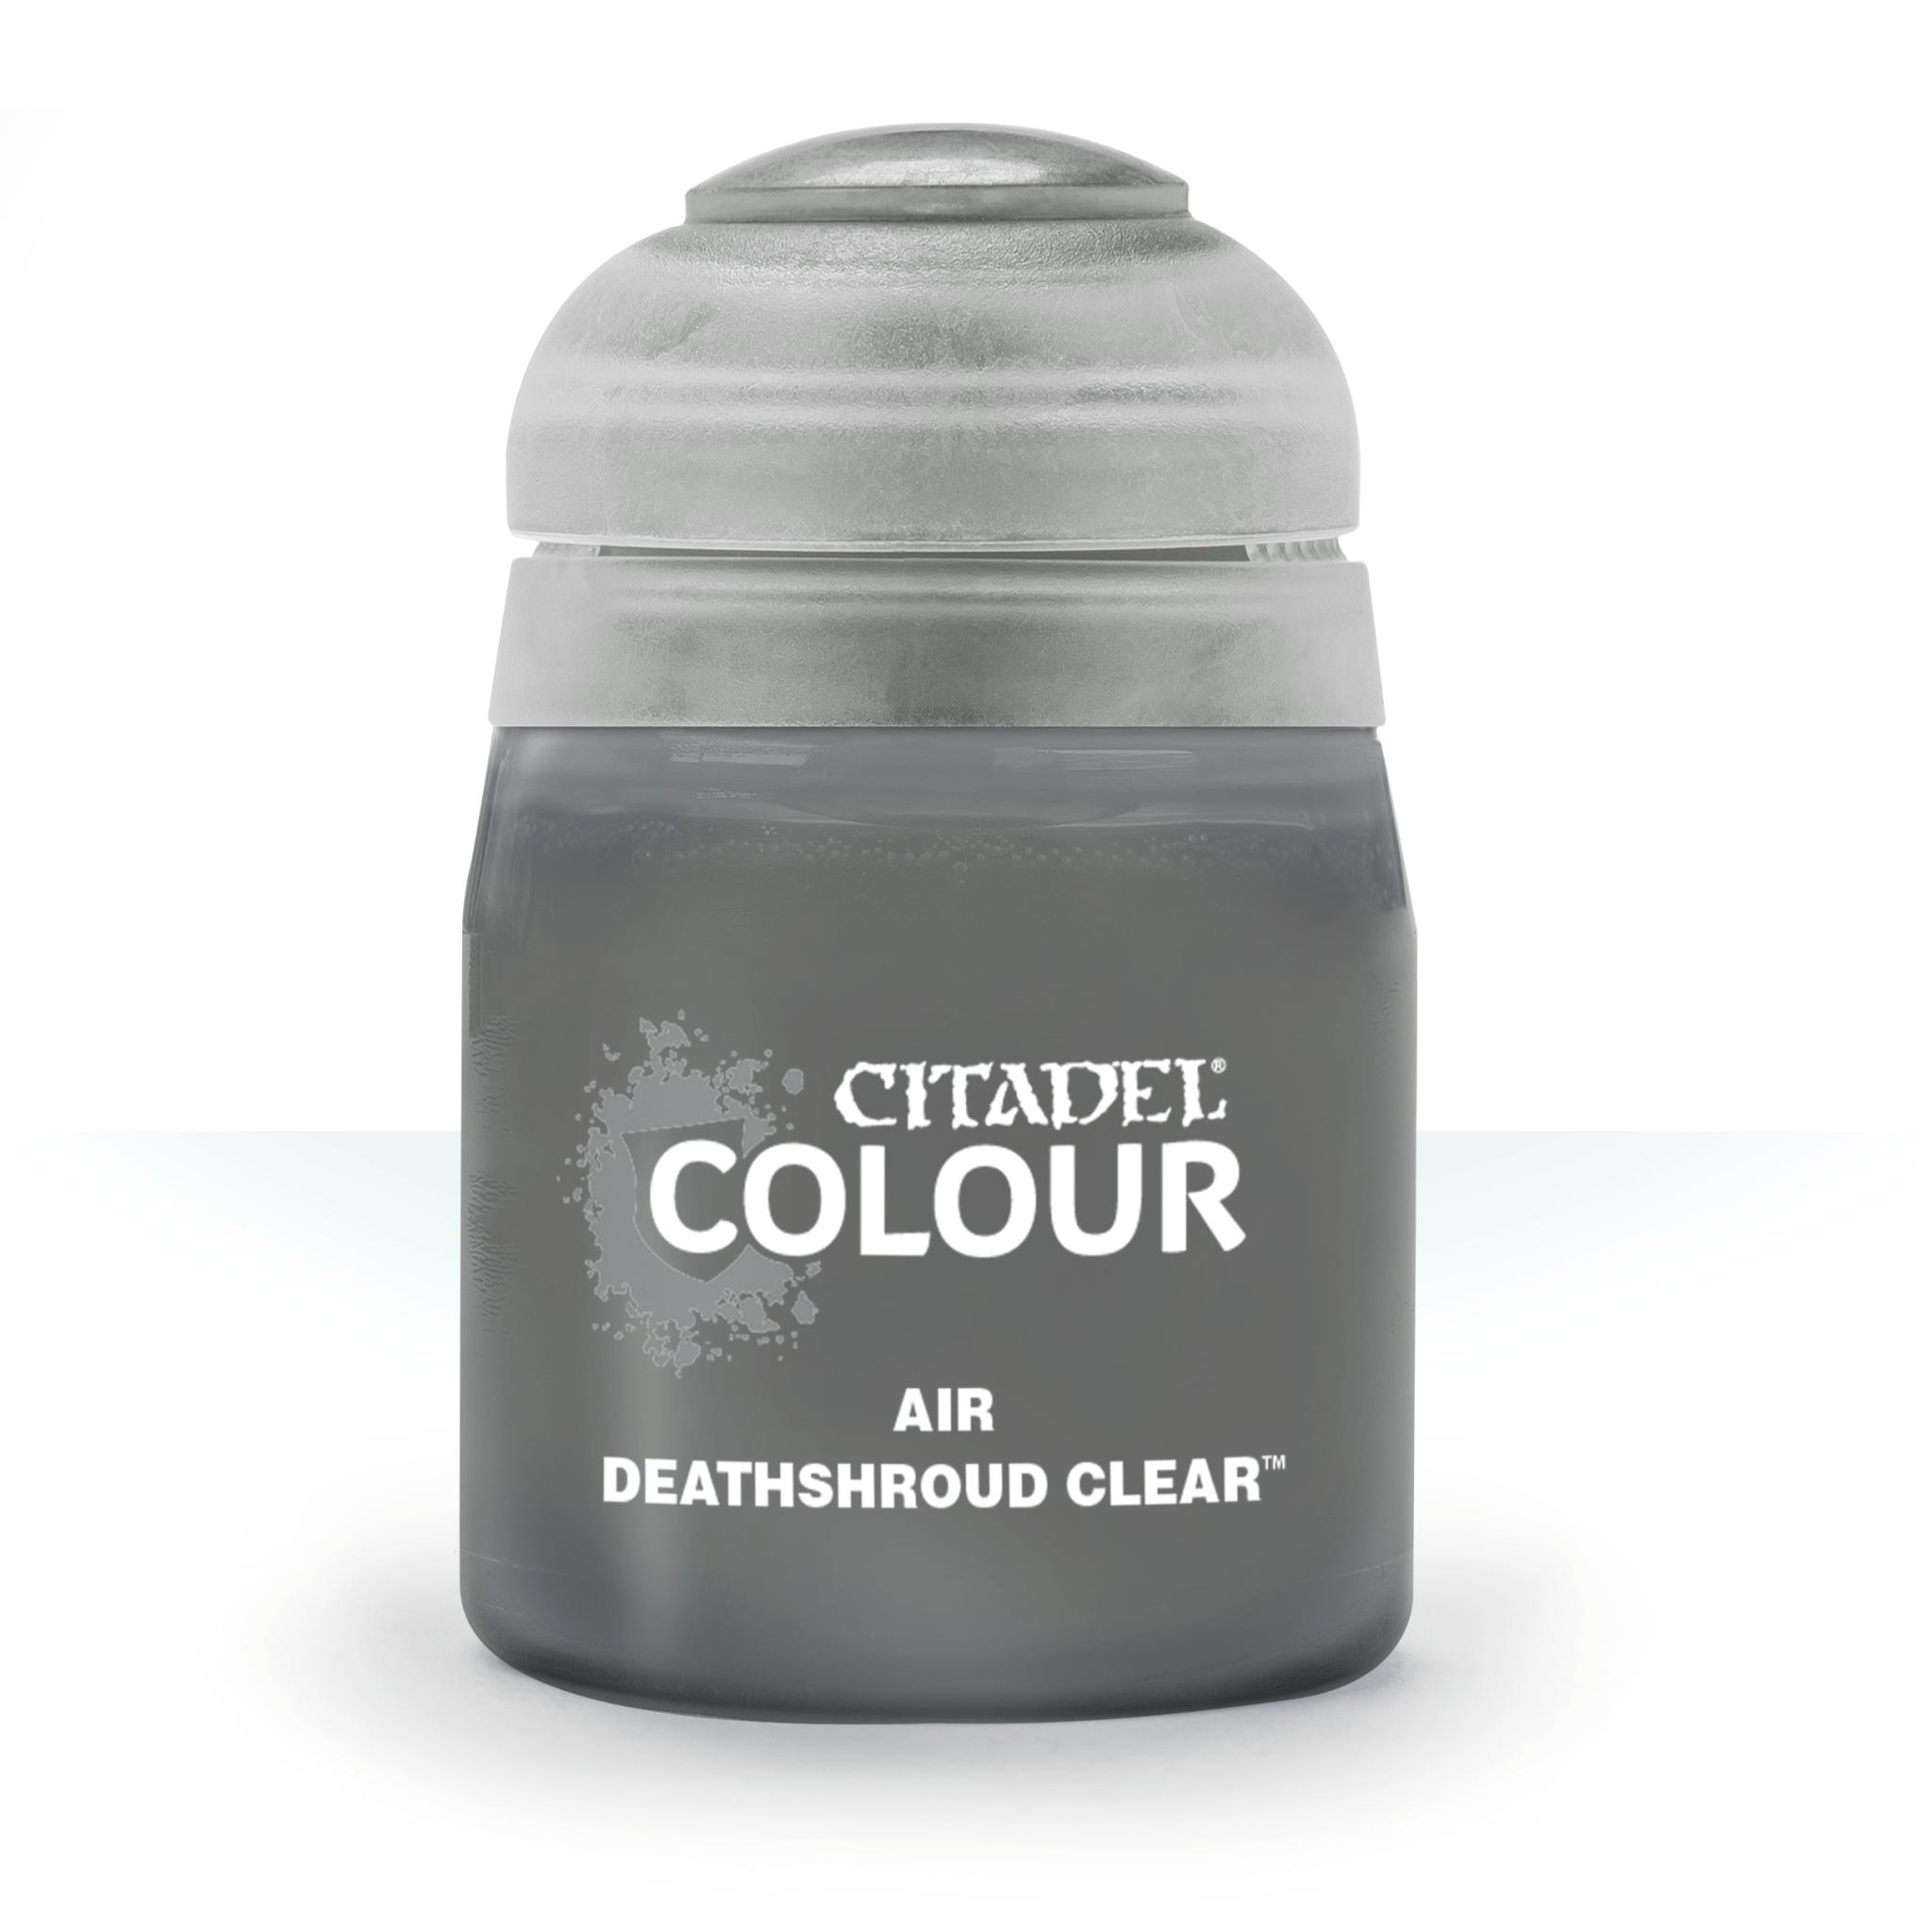 Deathshroud Clear (Air 24ml)